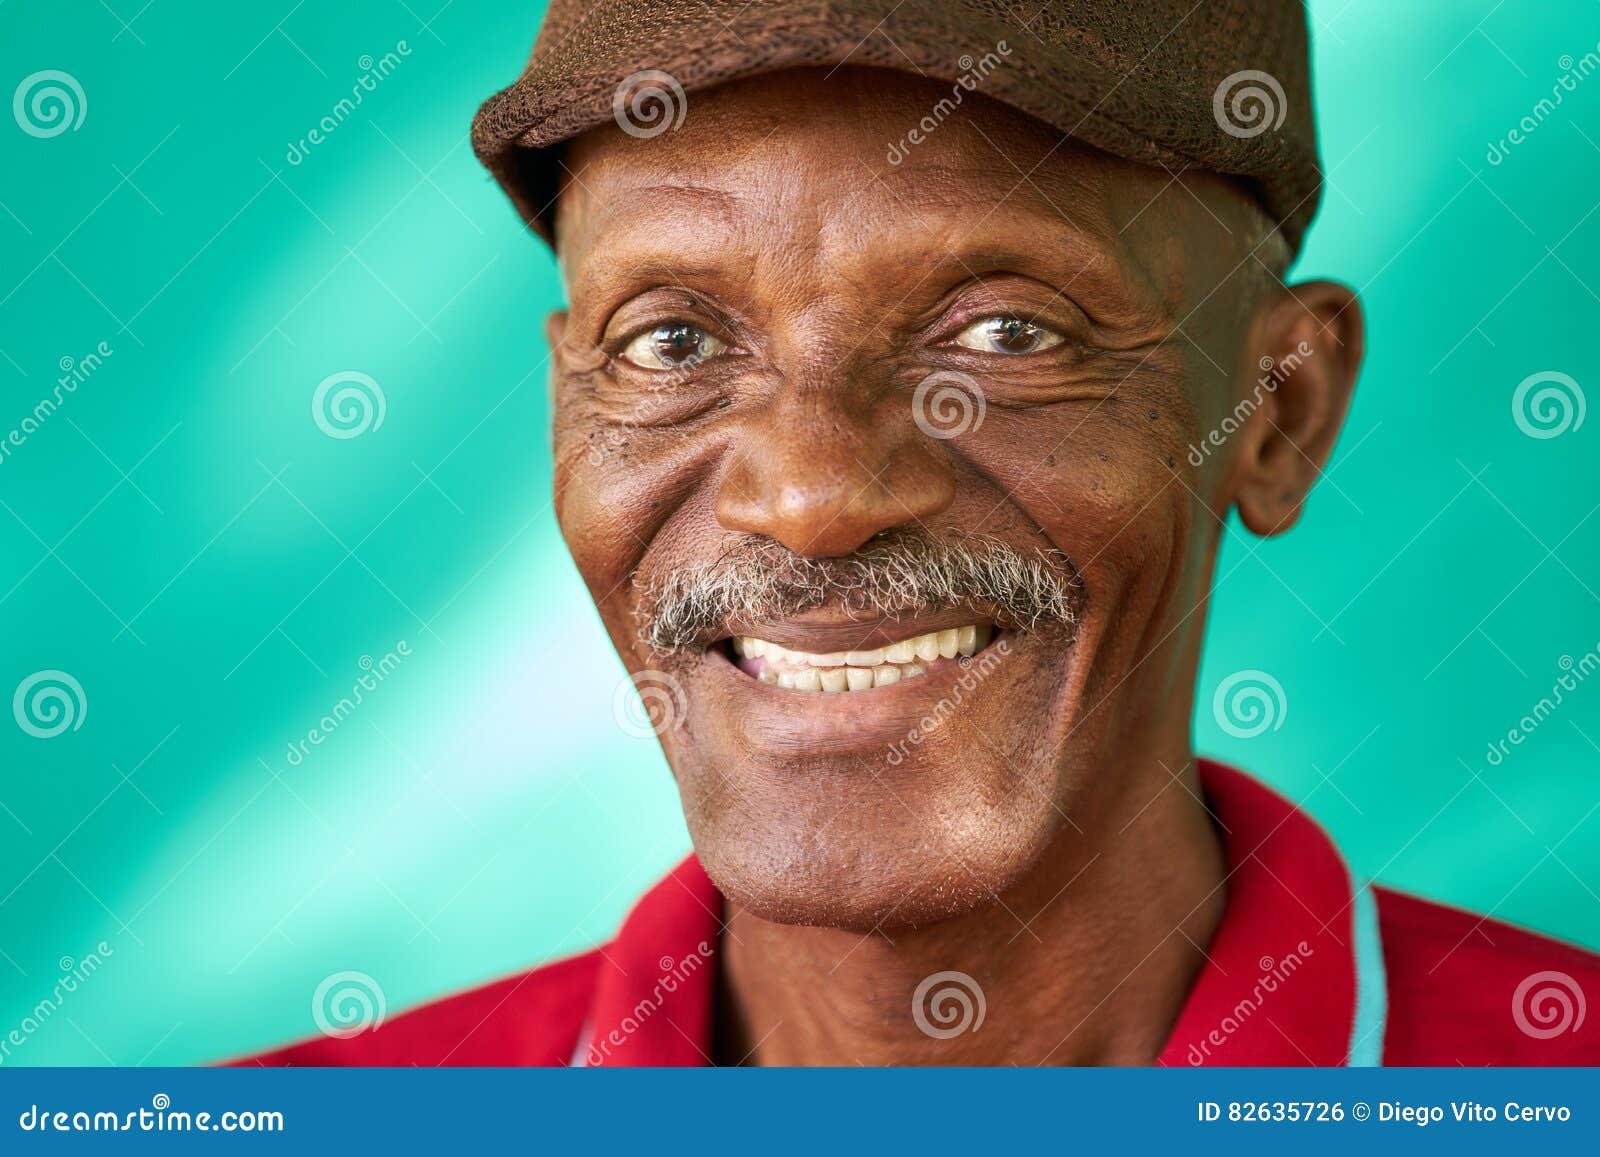 OLIVIA: Images of old black men